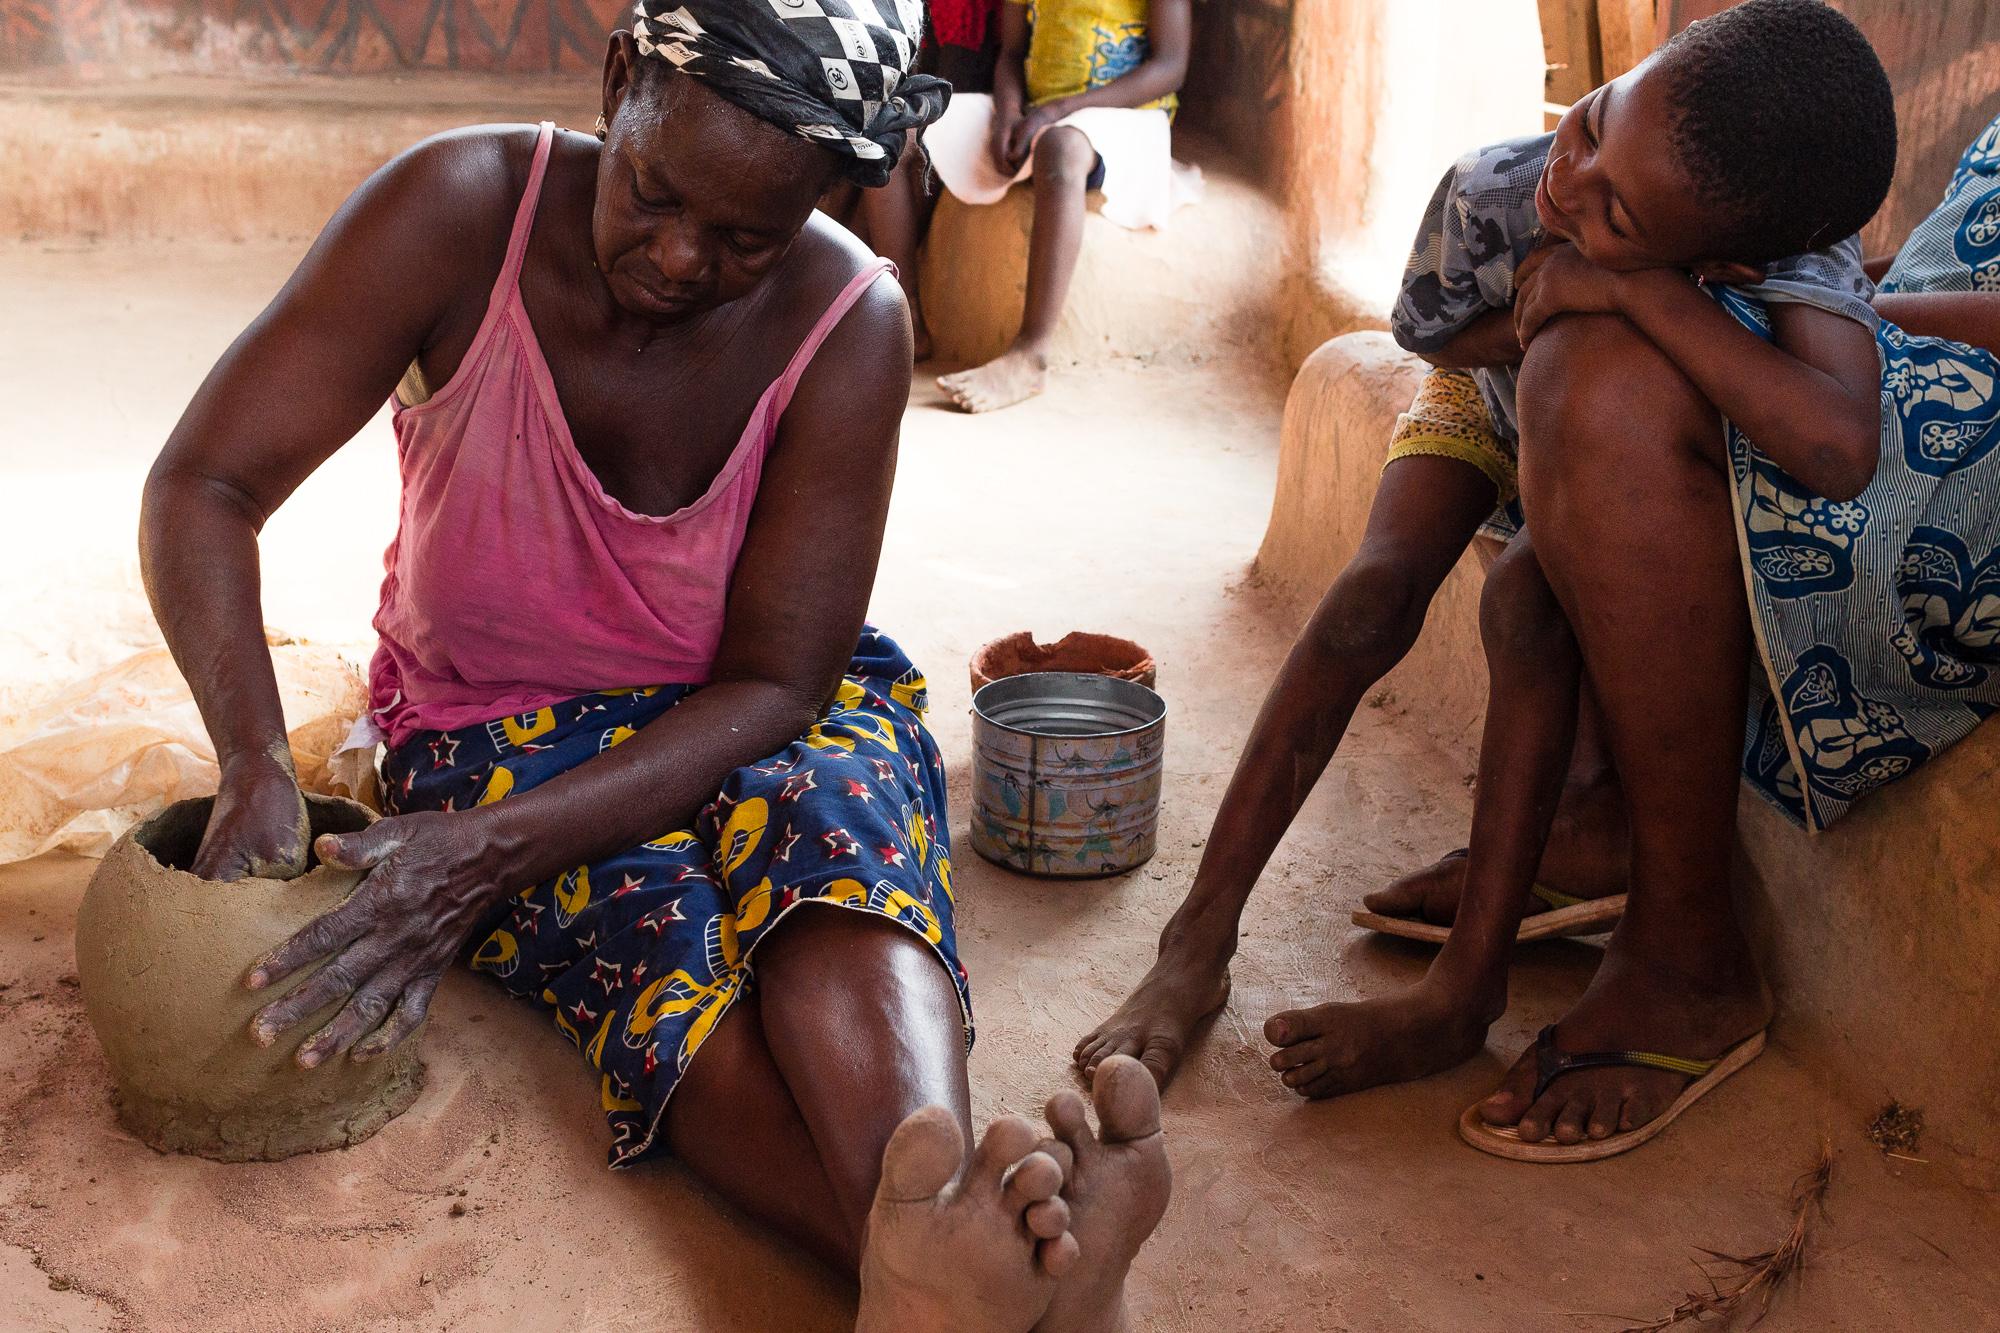 Femme modelant un pot de terre dans la région de Tiébélé, Burkina Faso, sous le regard d'un enfant